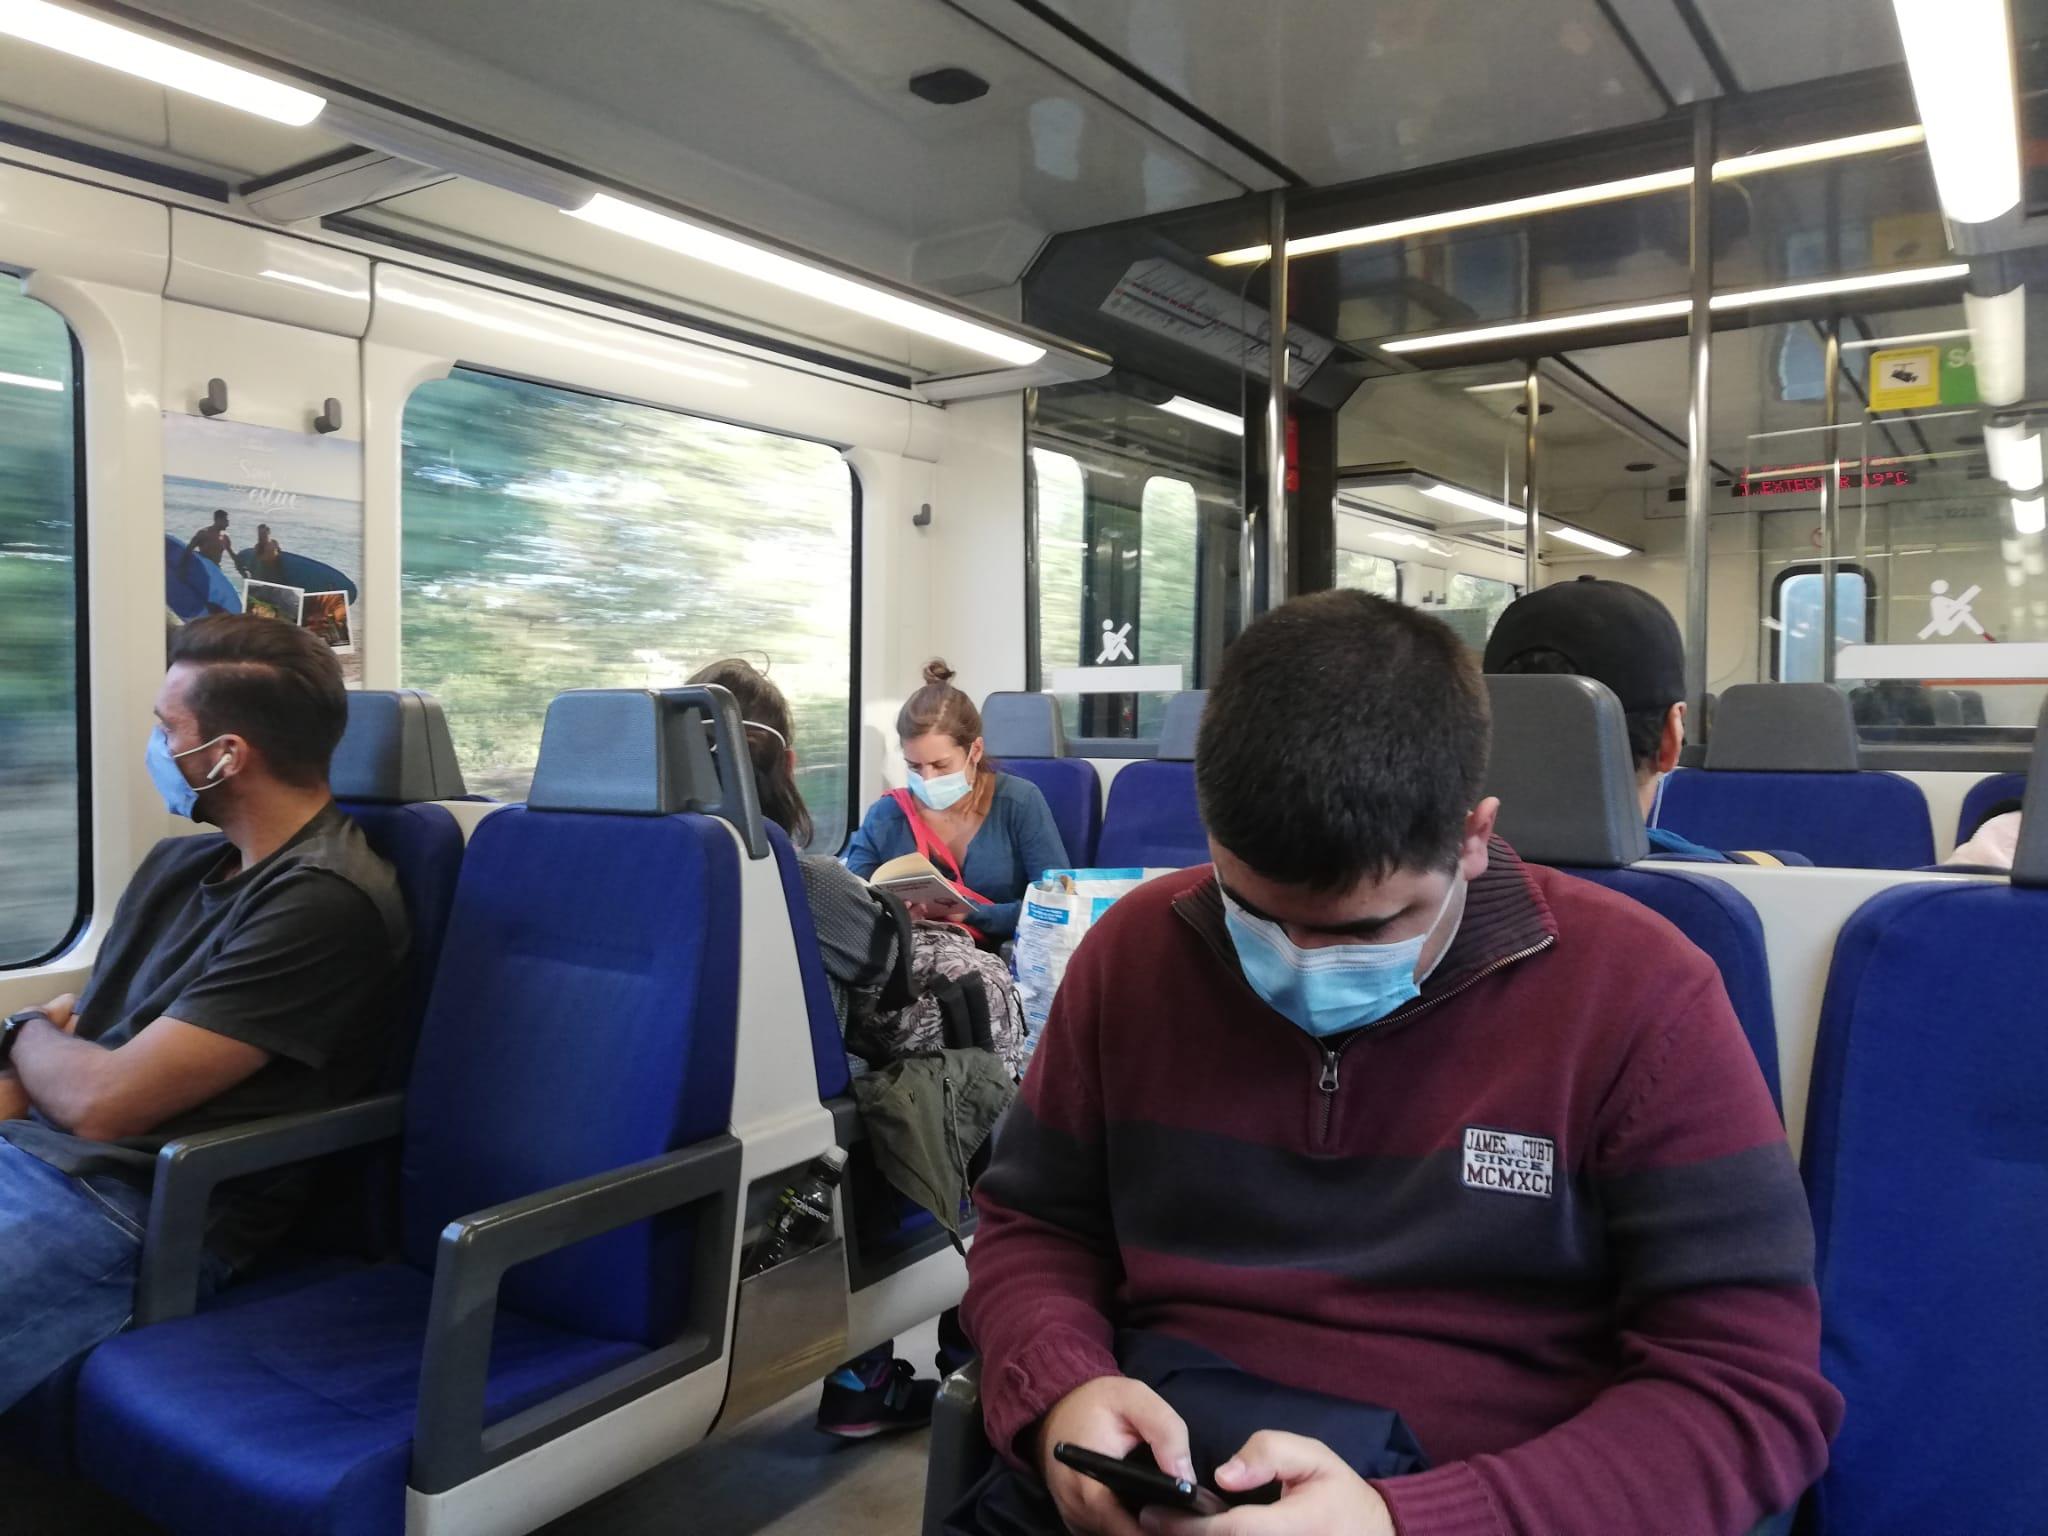 Ferrocarrils recomana evitar parlar a l'interior dels combois per evitar contagis   Toni Alfaro